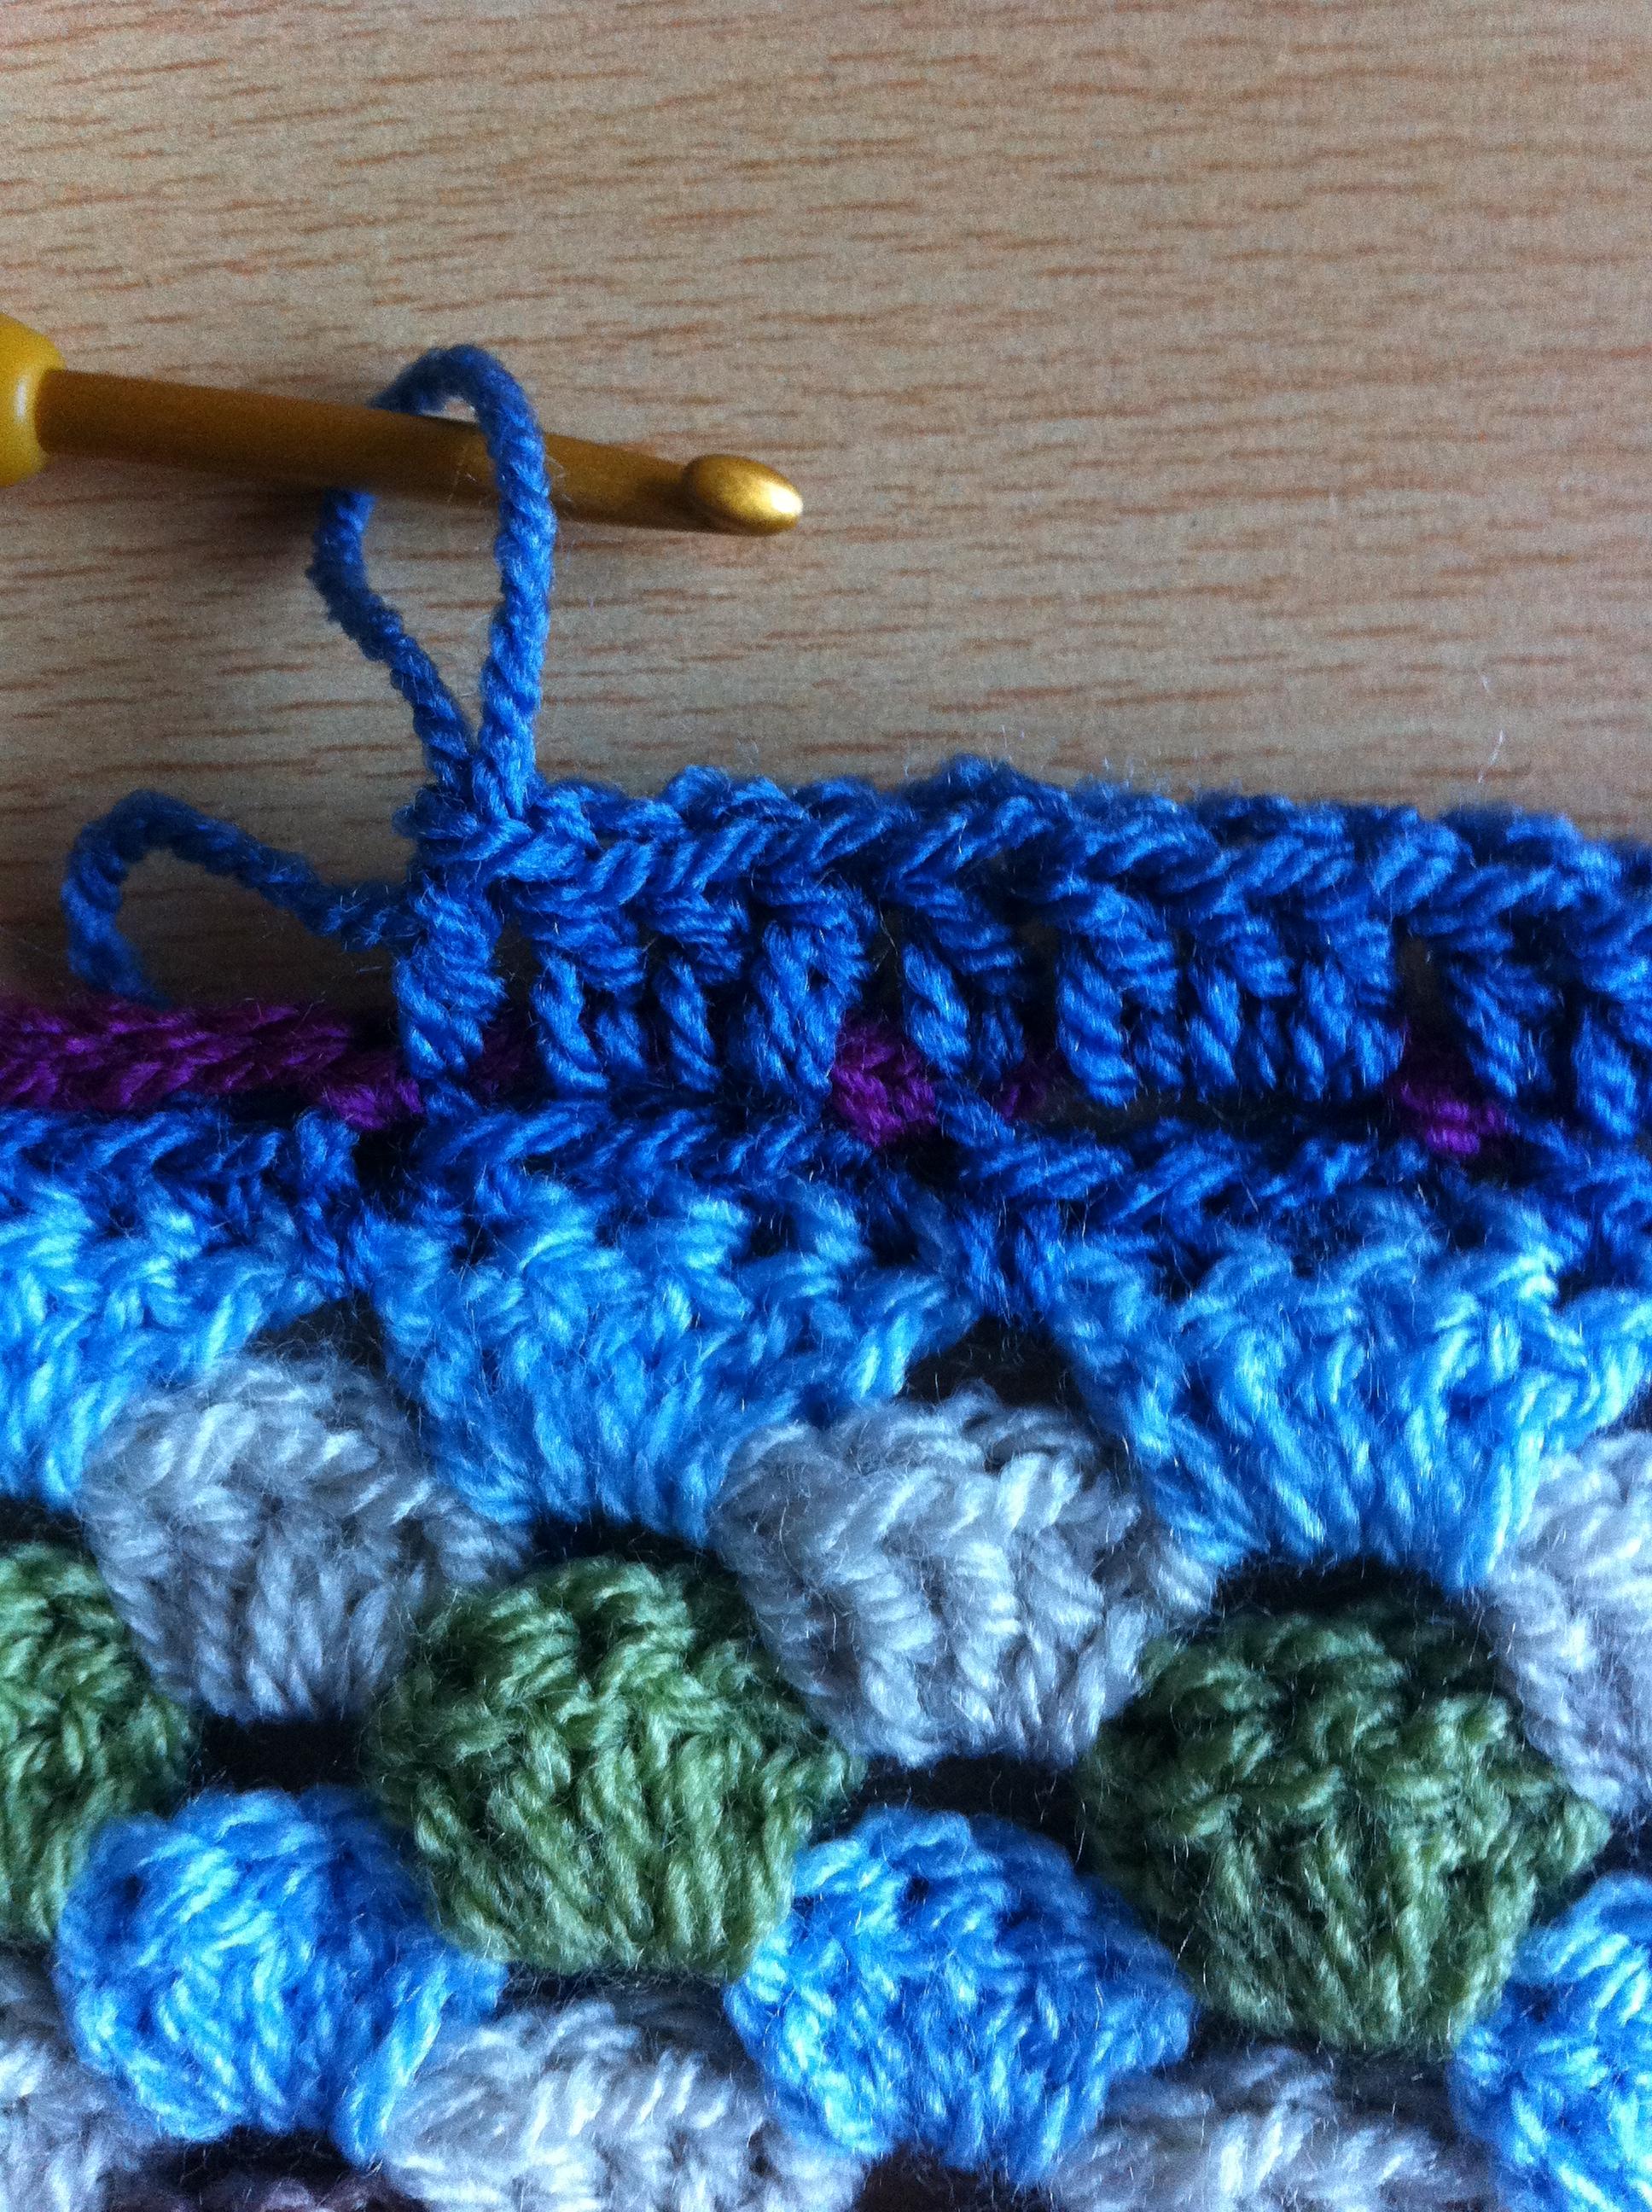 Crochet Pattern For Edging On Afghan : Alfa img - Showing > Edging Crochet Afghan Patterns